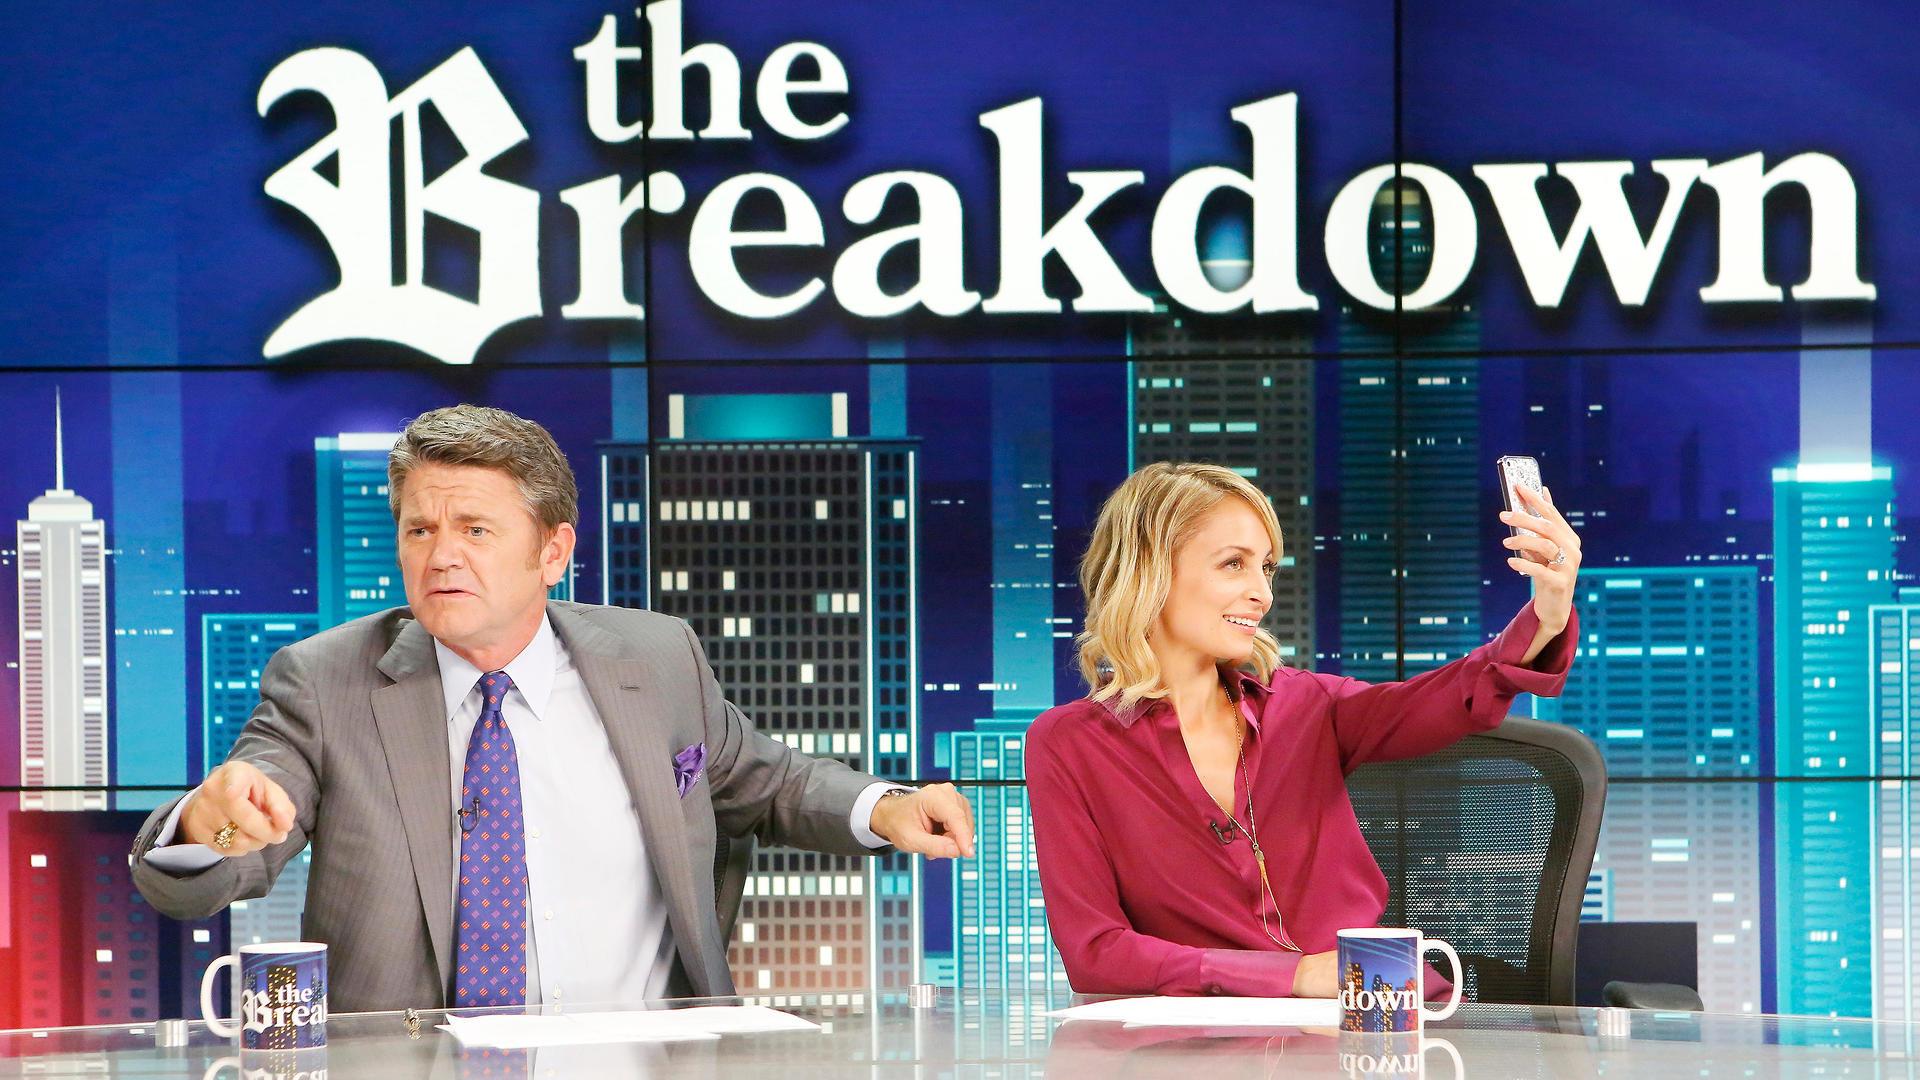 Great News - saison 1 : une comédie à voir sur Netflix